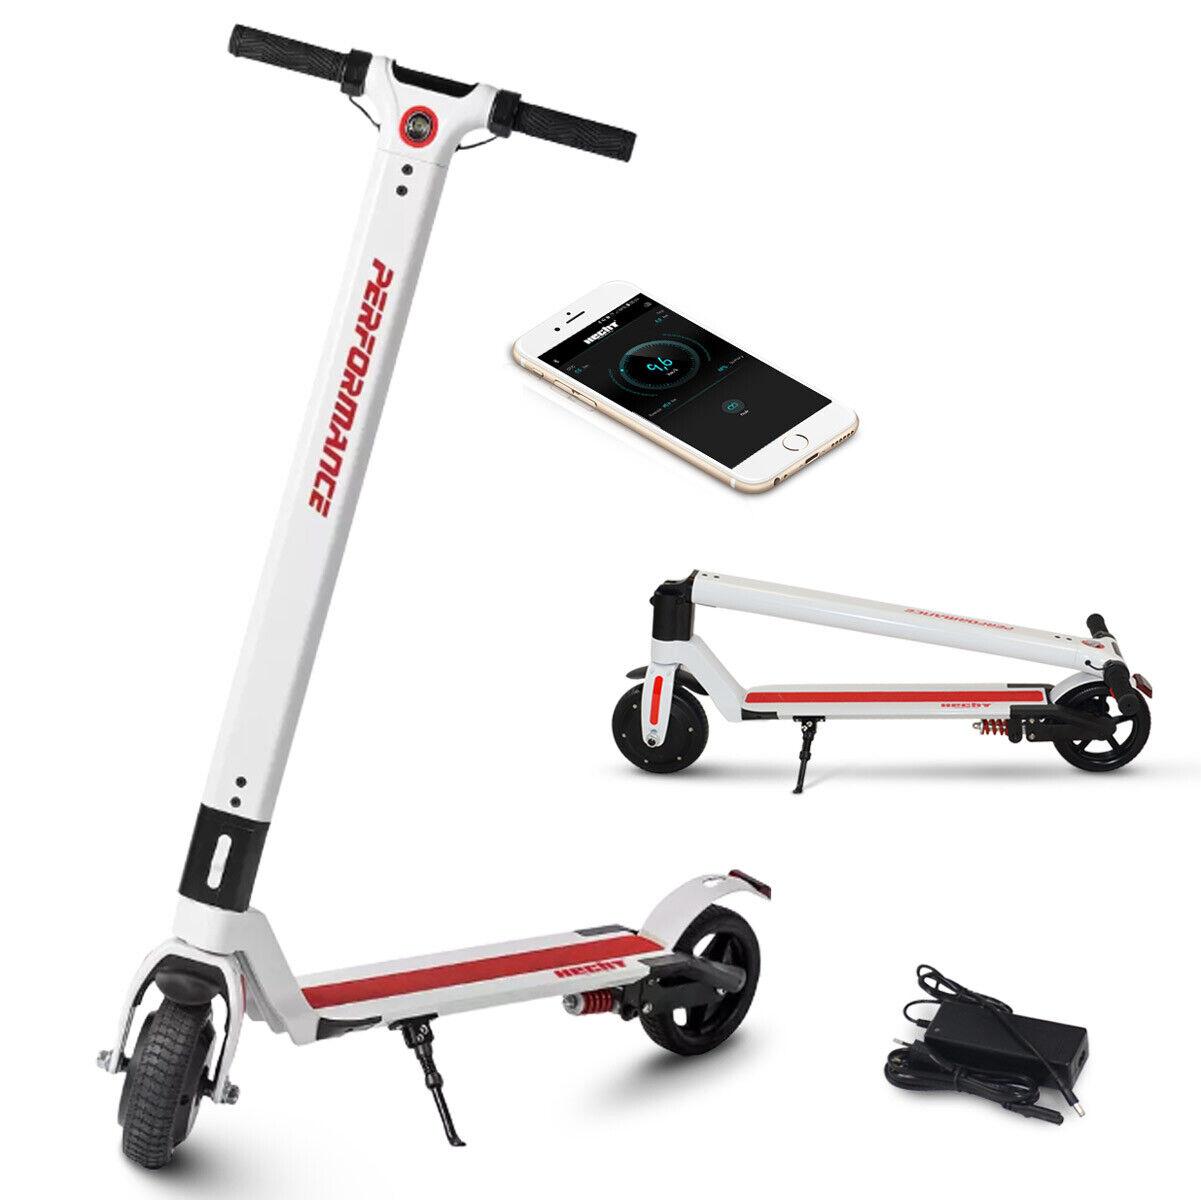 Hecht 5125 E-Scooter ElektrGoldller Cityroller Roller Faltbar Electro 250W LED